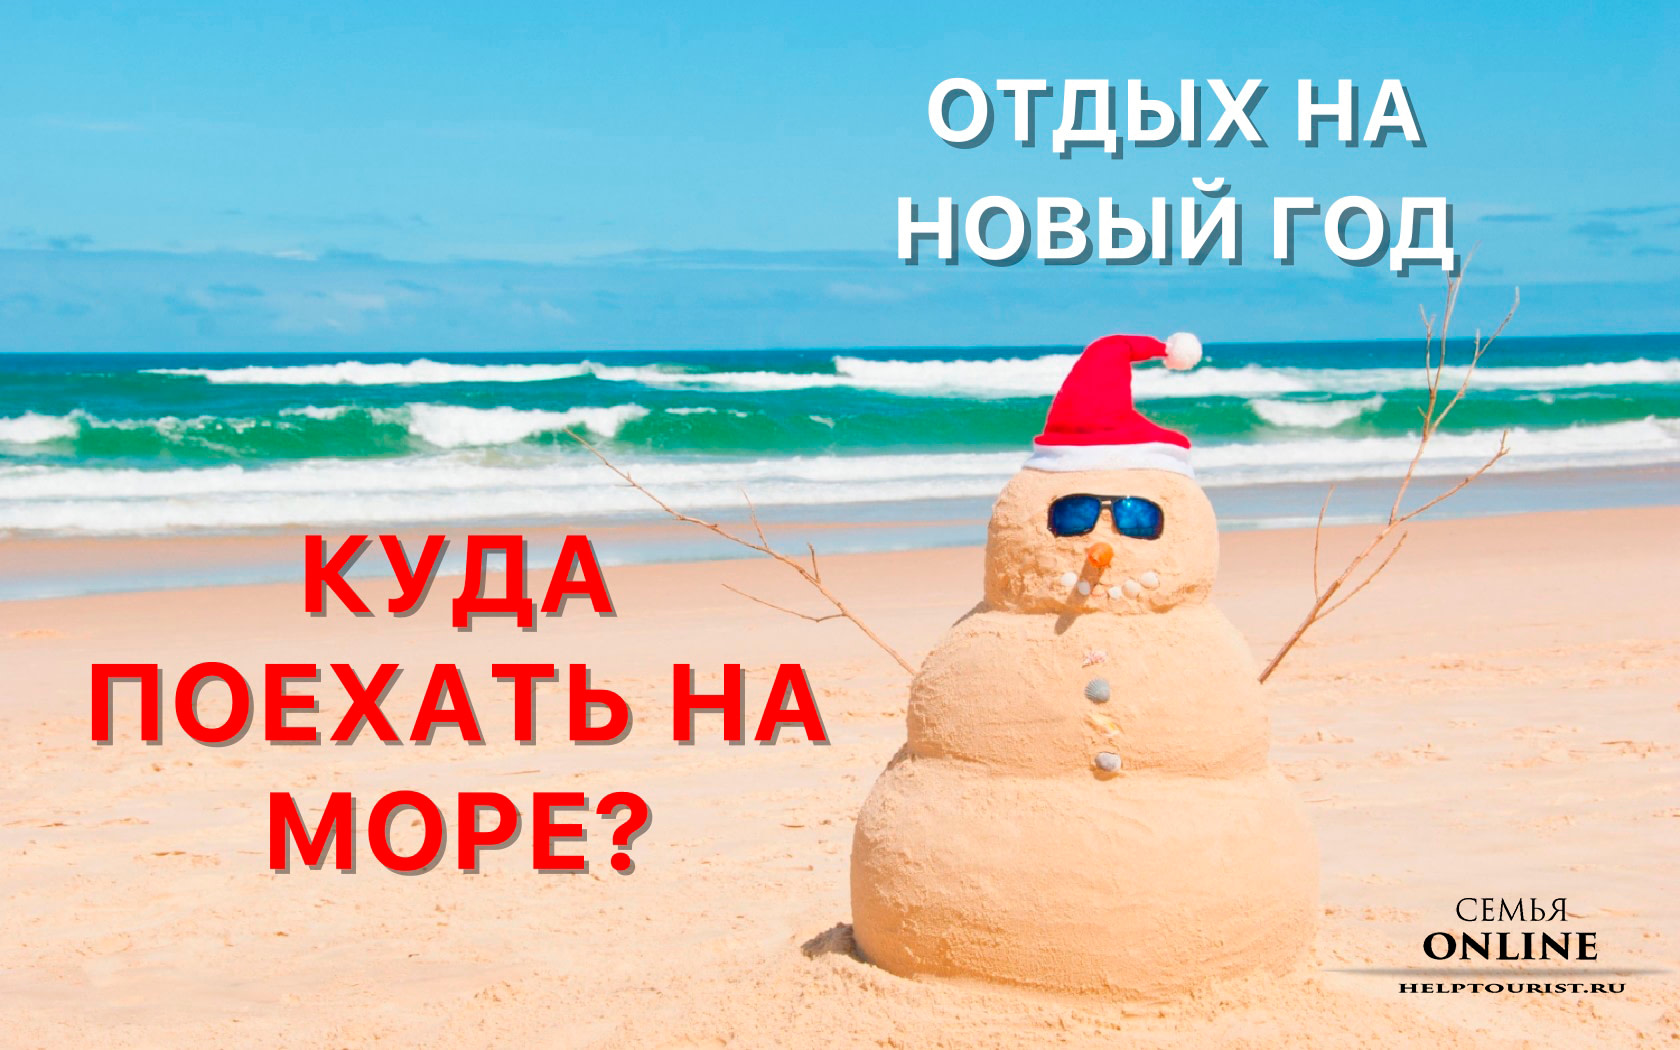 Отдых на Новый год: куда поехать на море?